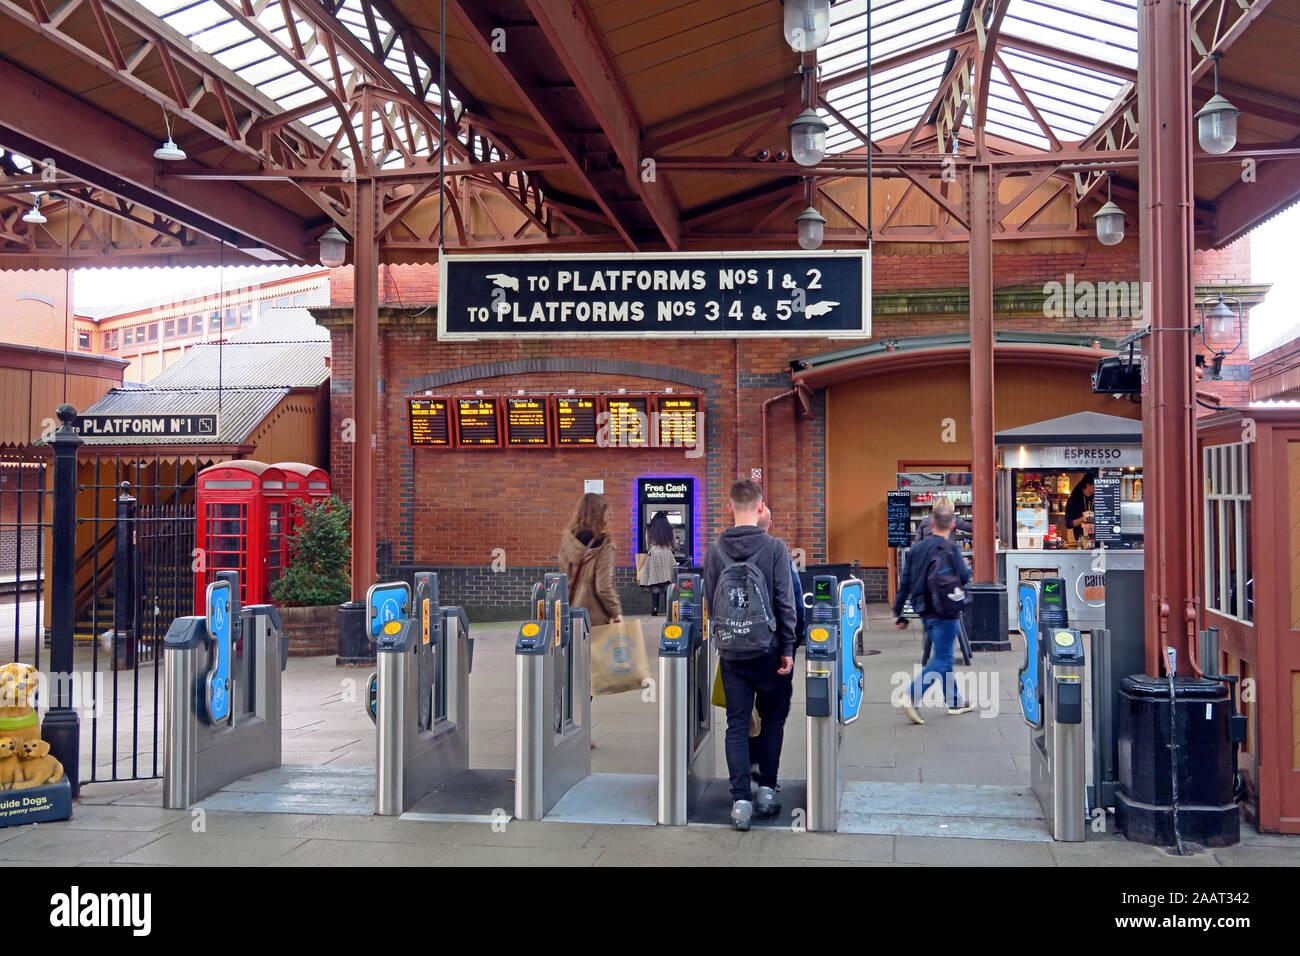 Dieses Stockfoto: Plattformen auf Moor St Bahnhof, Birmingham - Birmingham Moor Street Station Queensway Birmingham West Midlands B 4 7 UL - 2AAT34